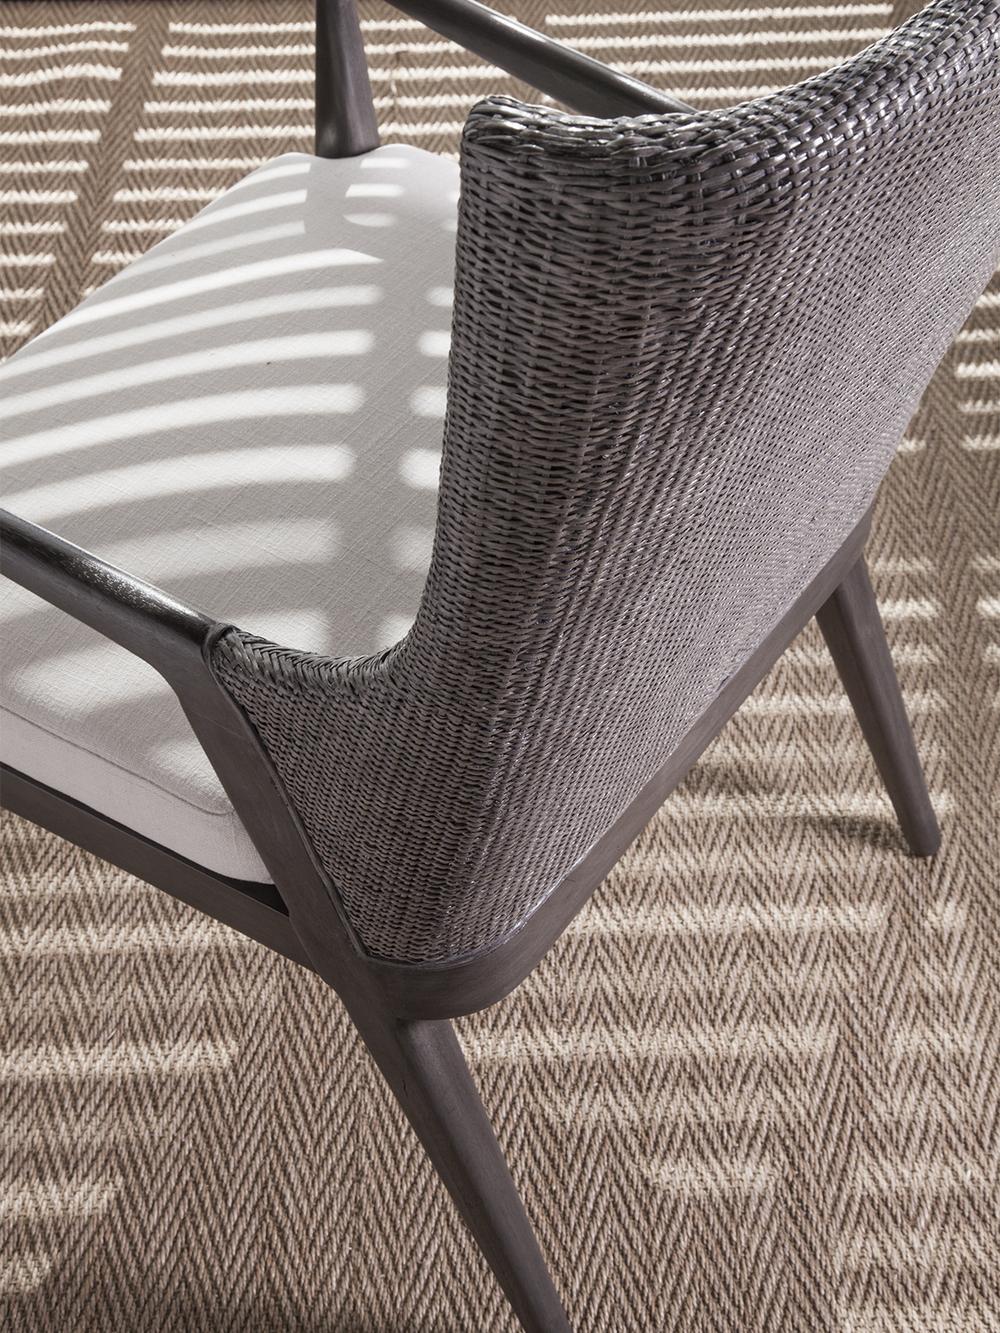 Artistica Home - Formosa Arm Chair